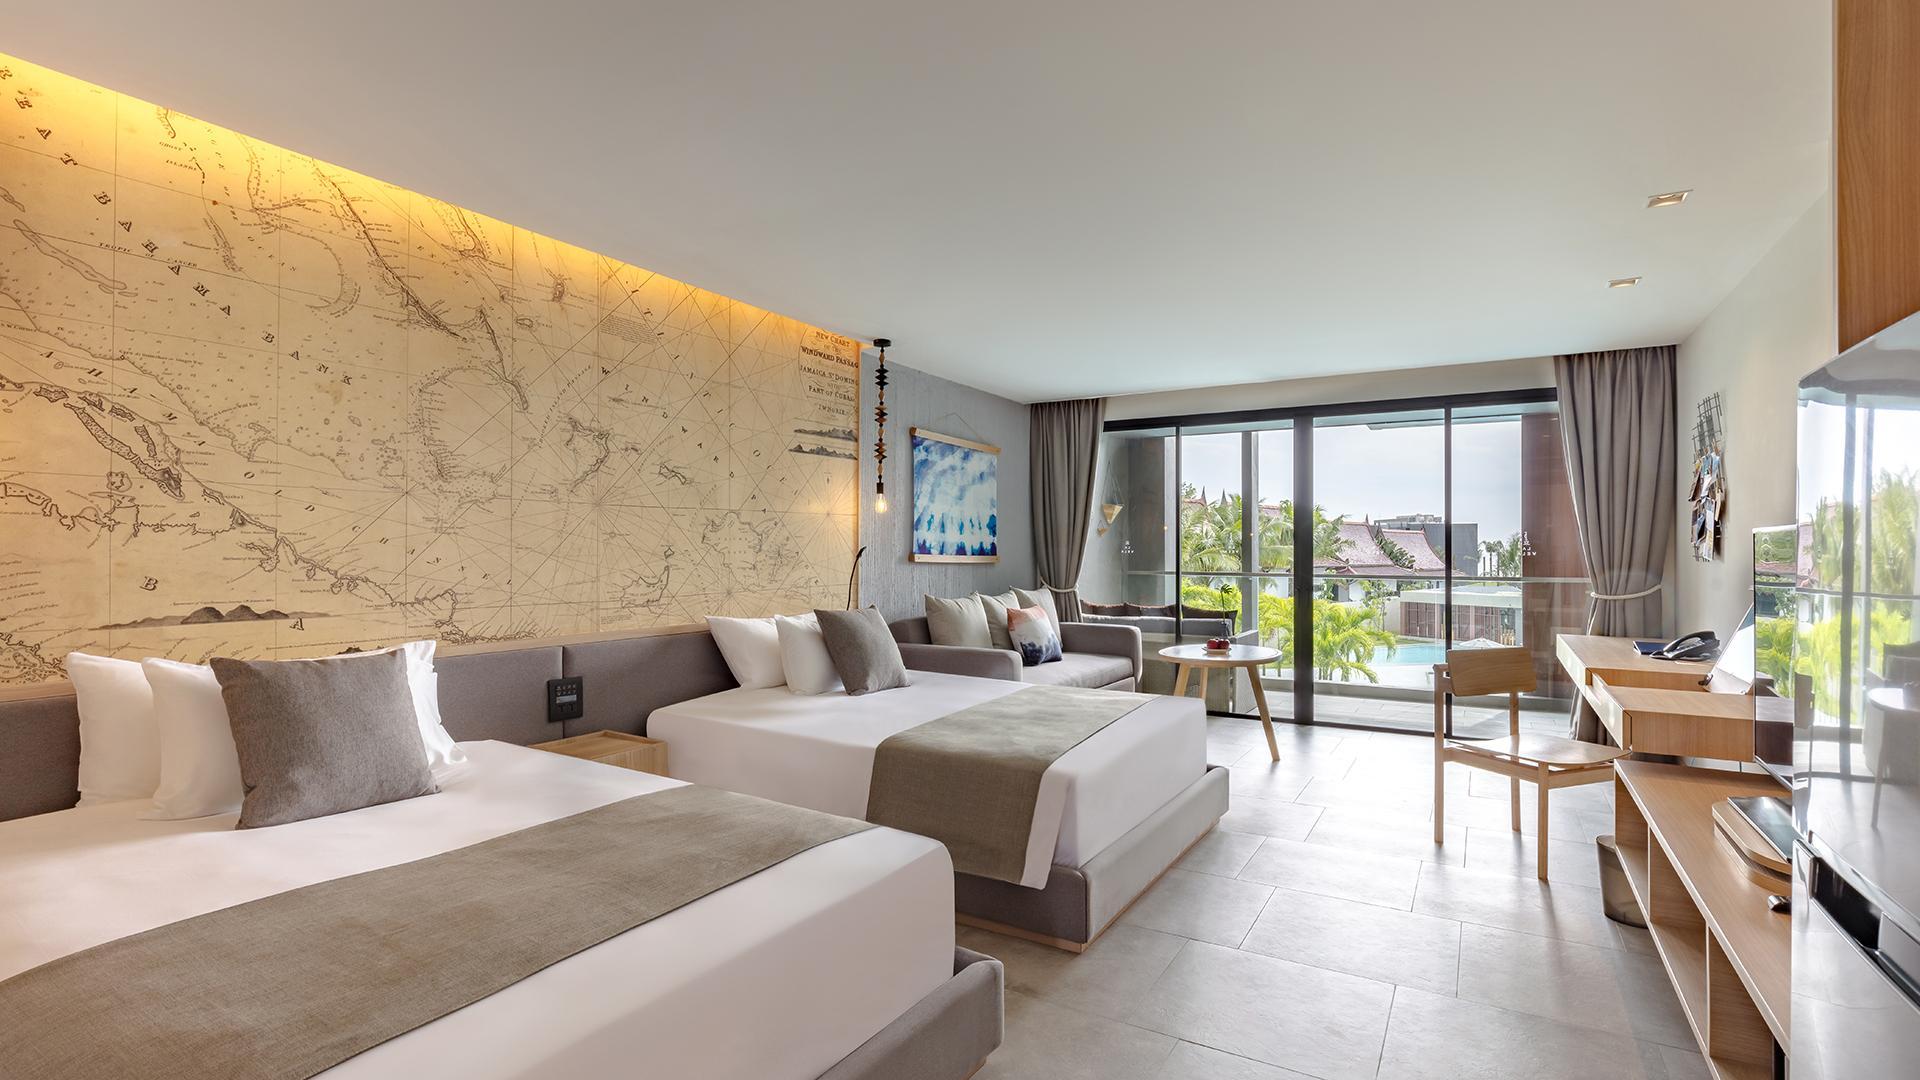 Deluxe Poolside Room image 1 at La Vela Khao Lak by Amphoe Takua Pa, Chang Wat Phang-nga, Thailand